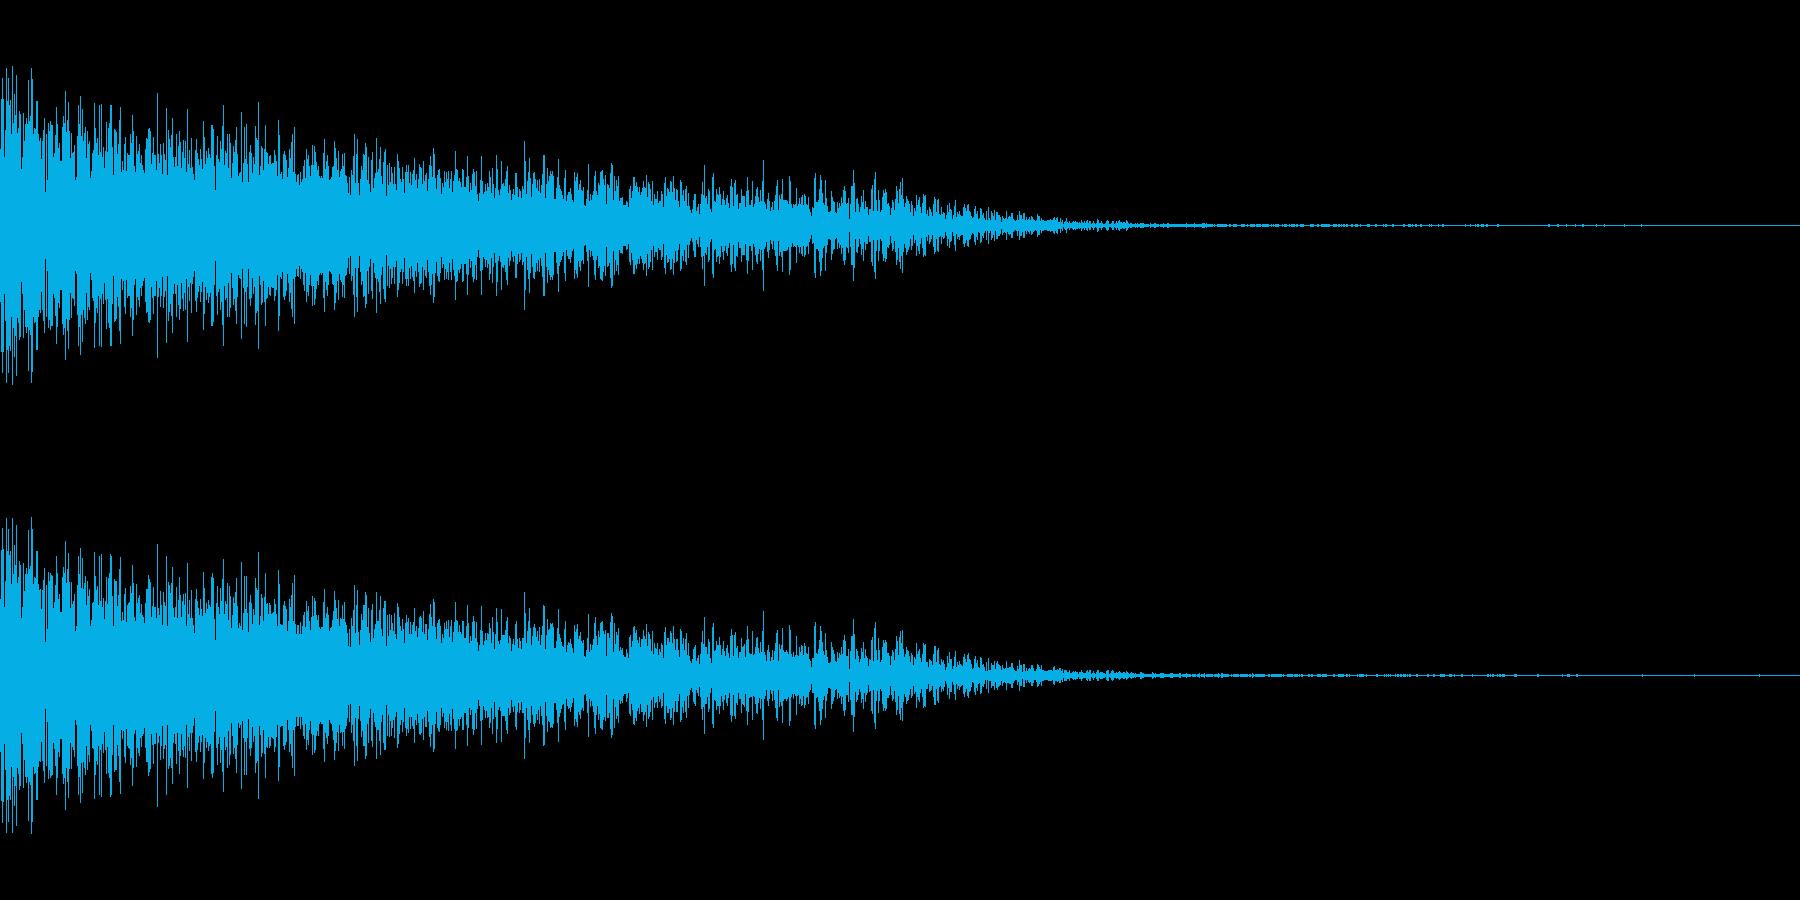 バシューン!(ビームライフルなど)の再生済みの波形